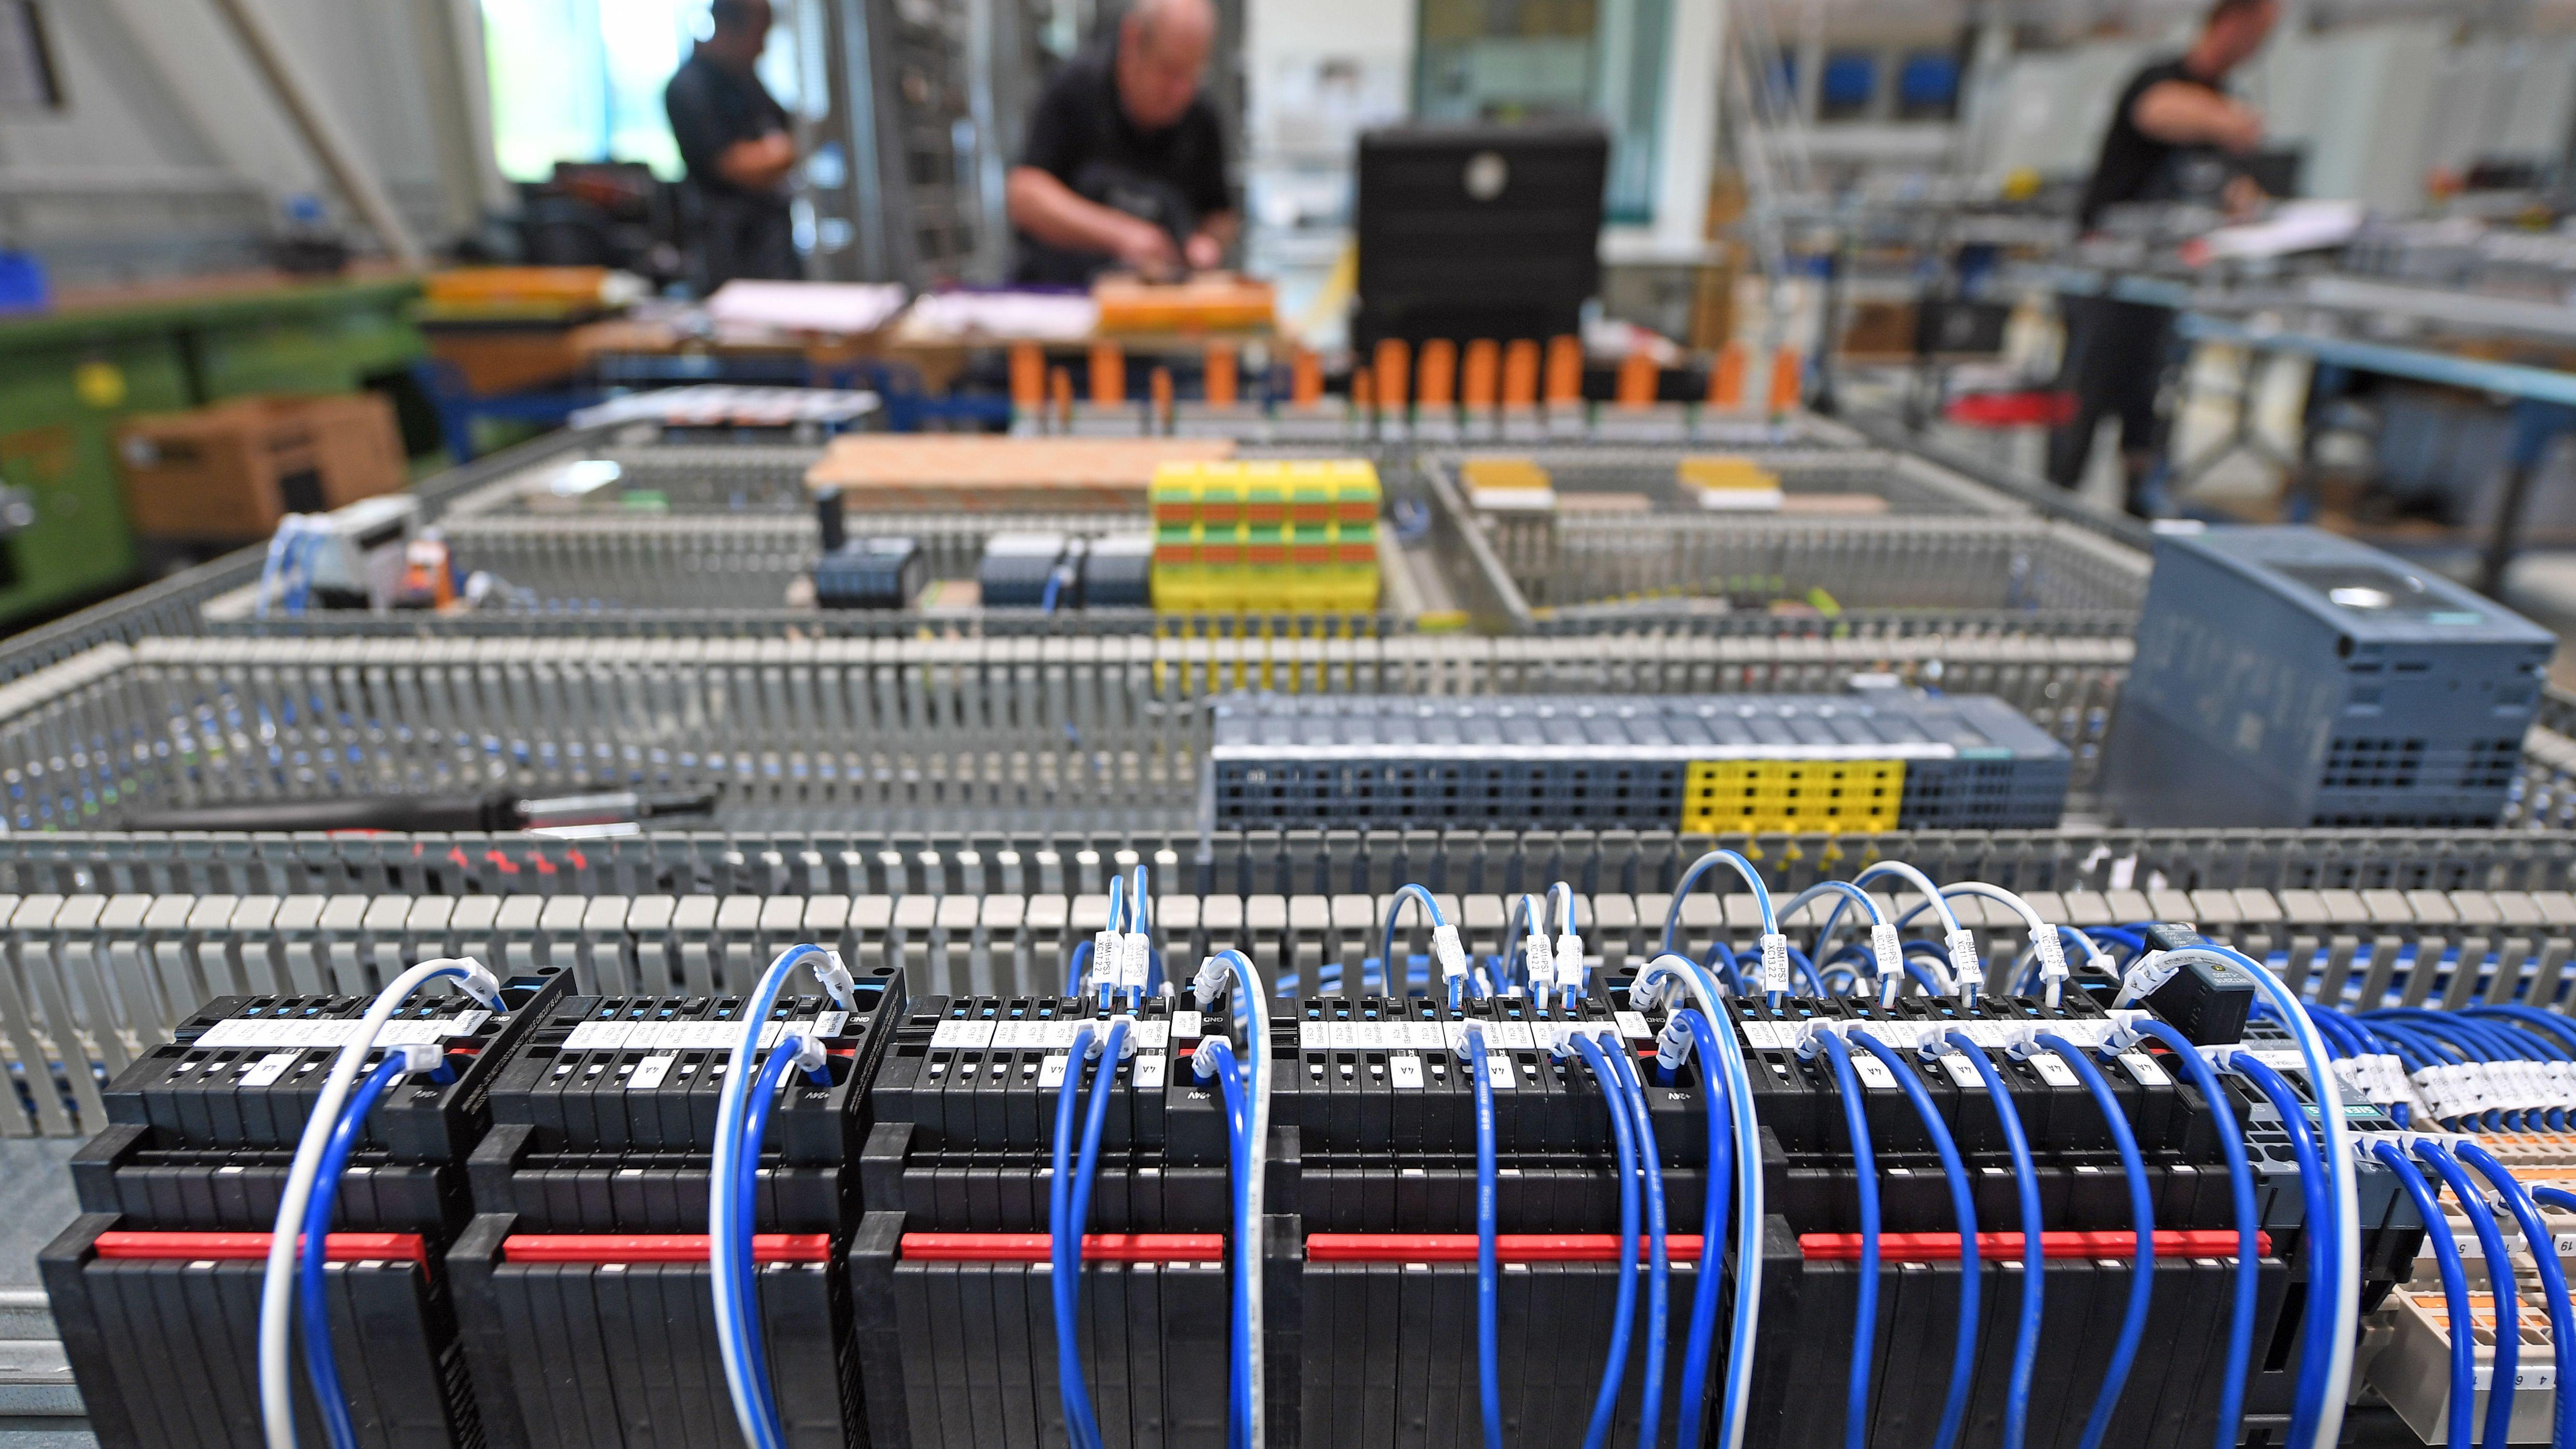 Sachsen-Anhalt, Teuchern: Mitarbeiter der Gesa Automation arbeiten am Standort in Teuchern an Schaltschränken. Das Unternehmen ist mit seinen derzeit 50 Mitarbeitern weltweit im Automatisierungsanlagenbau tätig und arbeitet unter anderem auch für große Automobilhersteller in der Region.